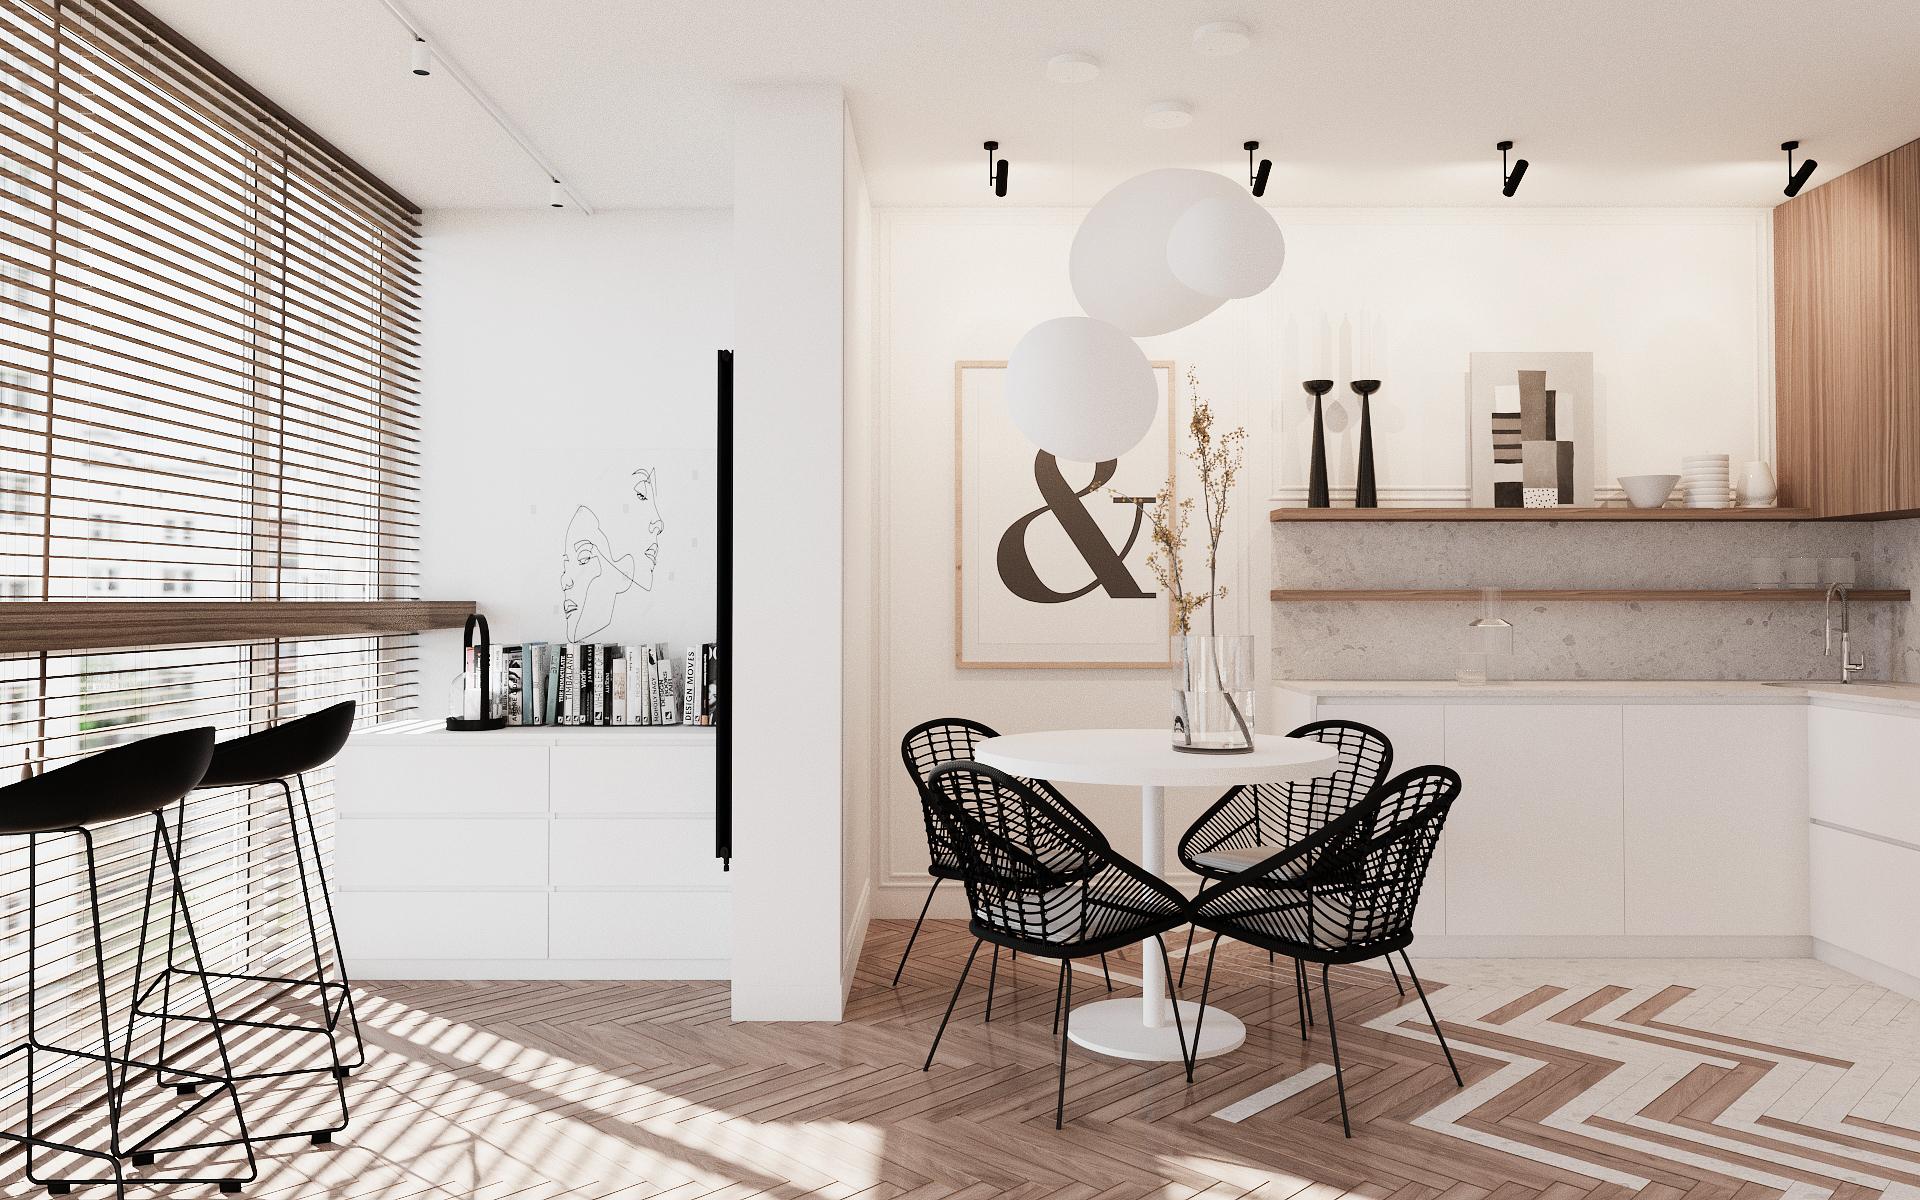 senko-architects-ID_19_01